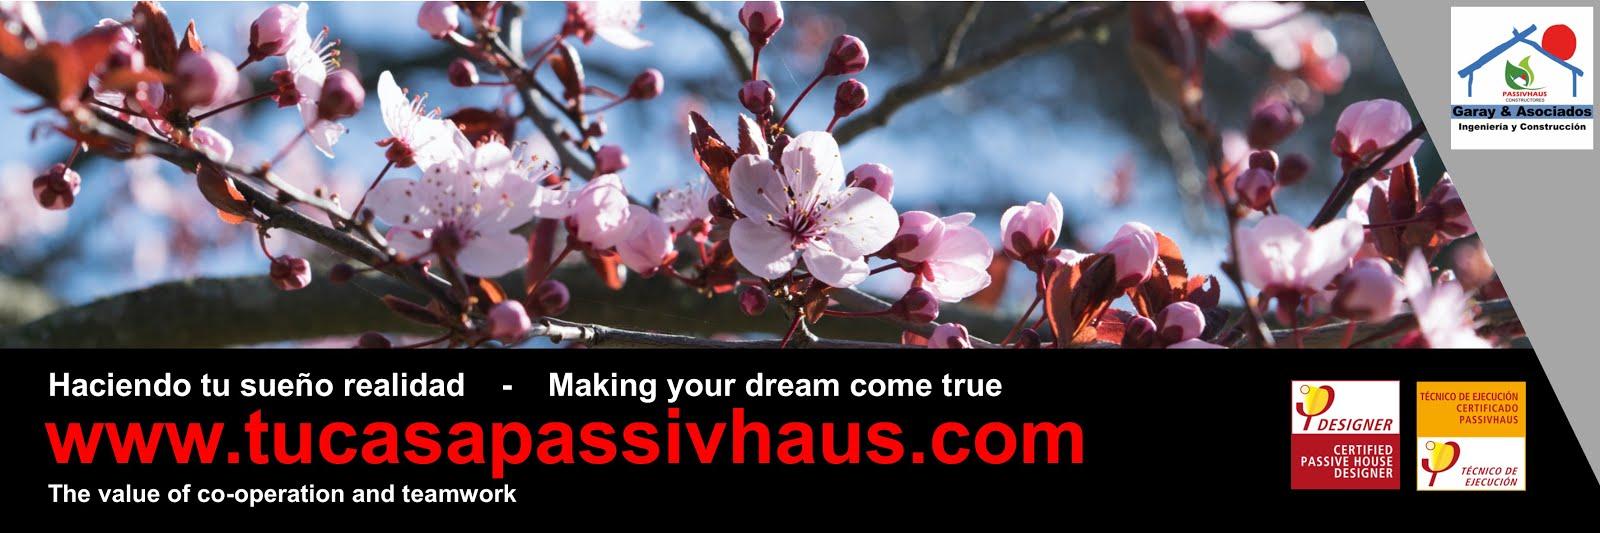 www.tucasapassivhaus.com